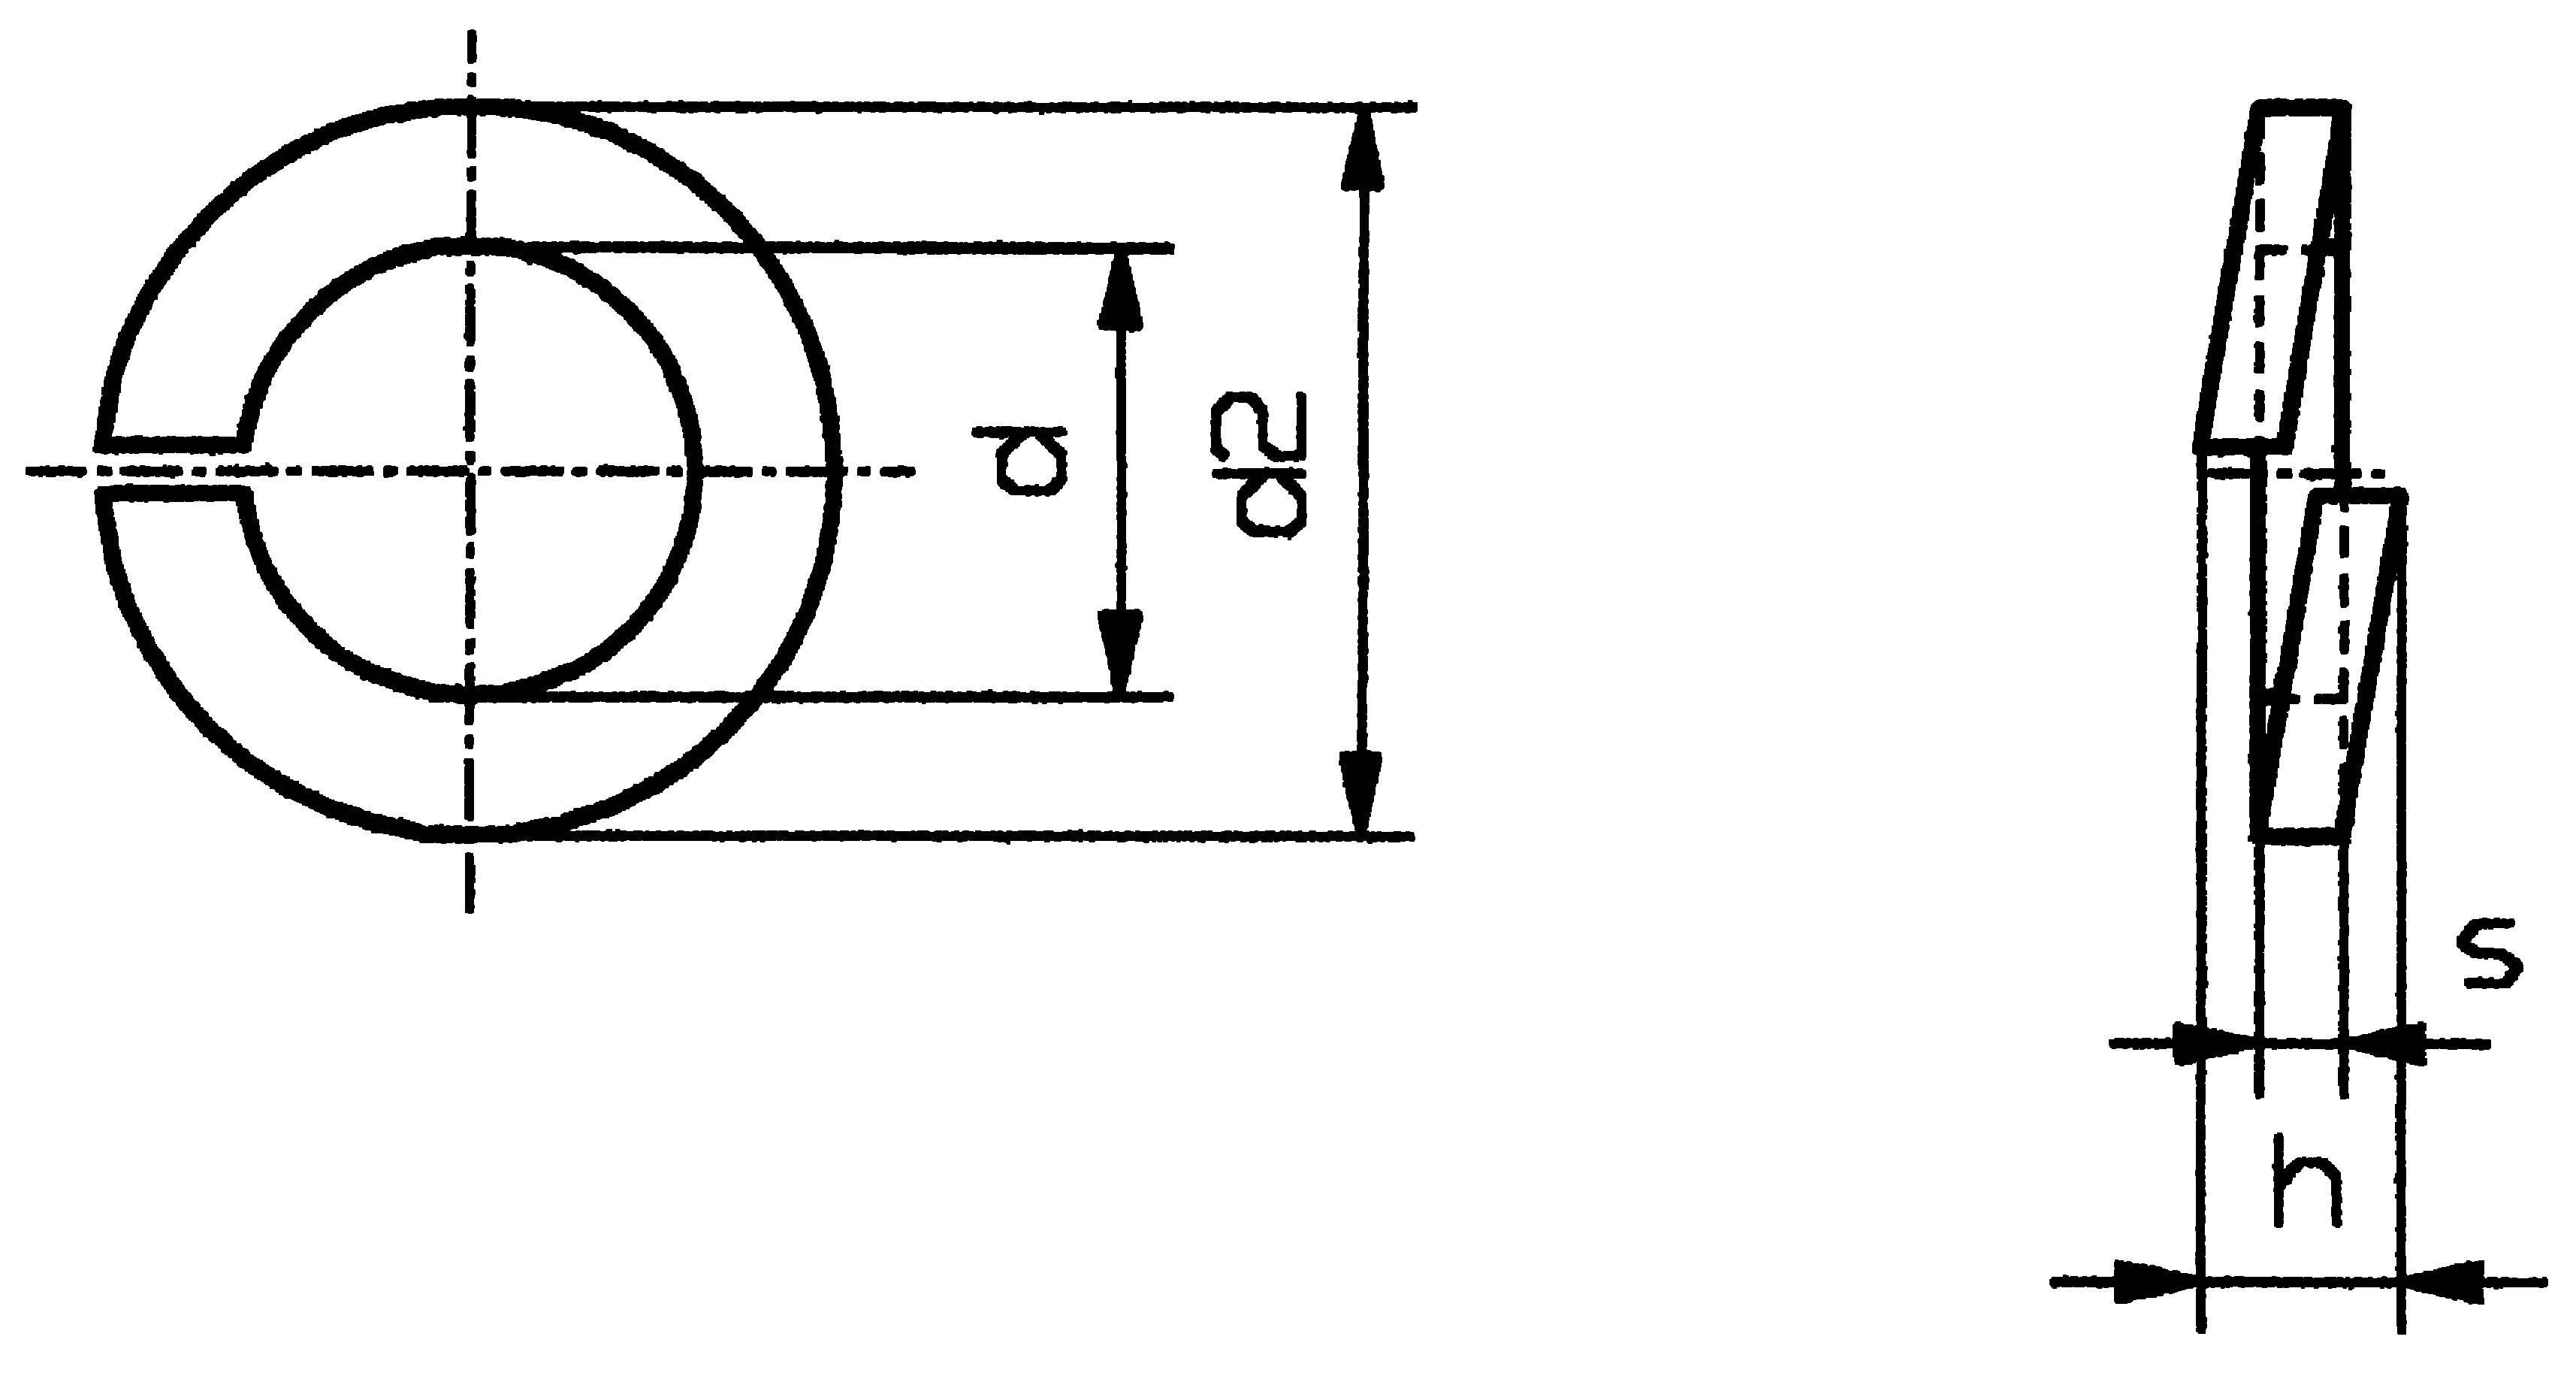 Pérové podložky vnitřní Ø: 3.1 mm M3 DIN 127 pružinová ocel 100 ks TOOLCRAFT B3 D127:A2K 194687